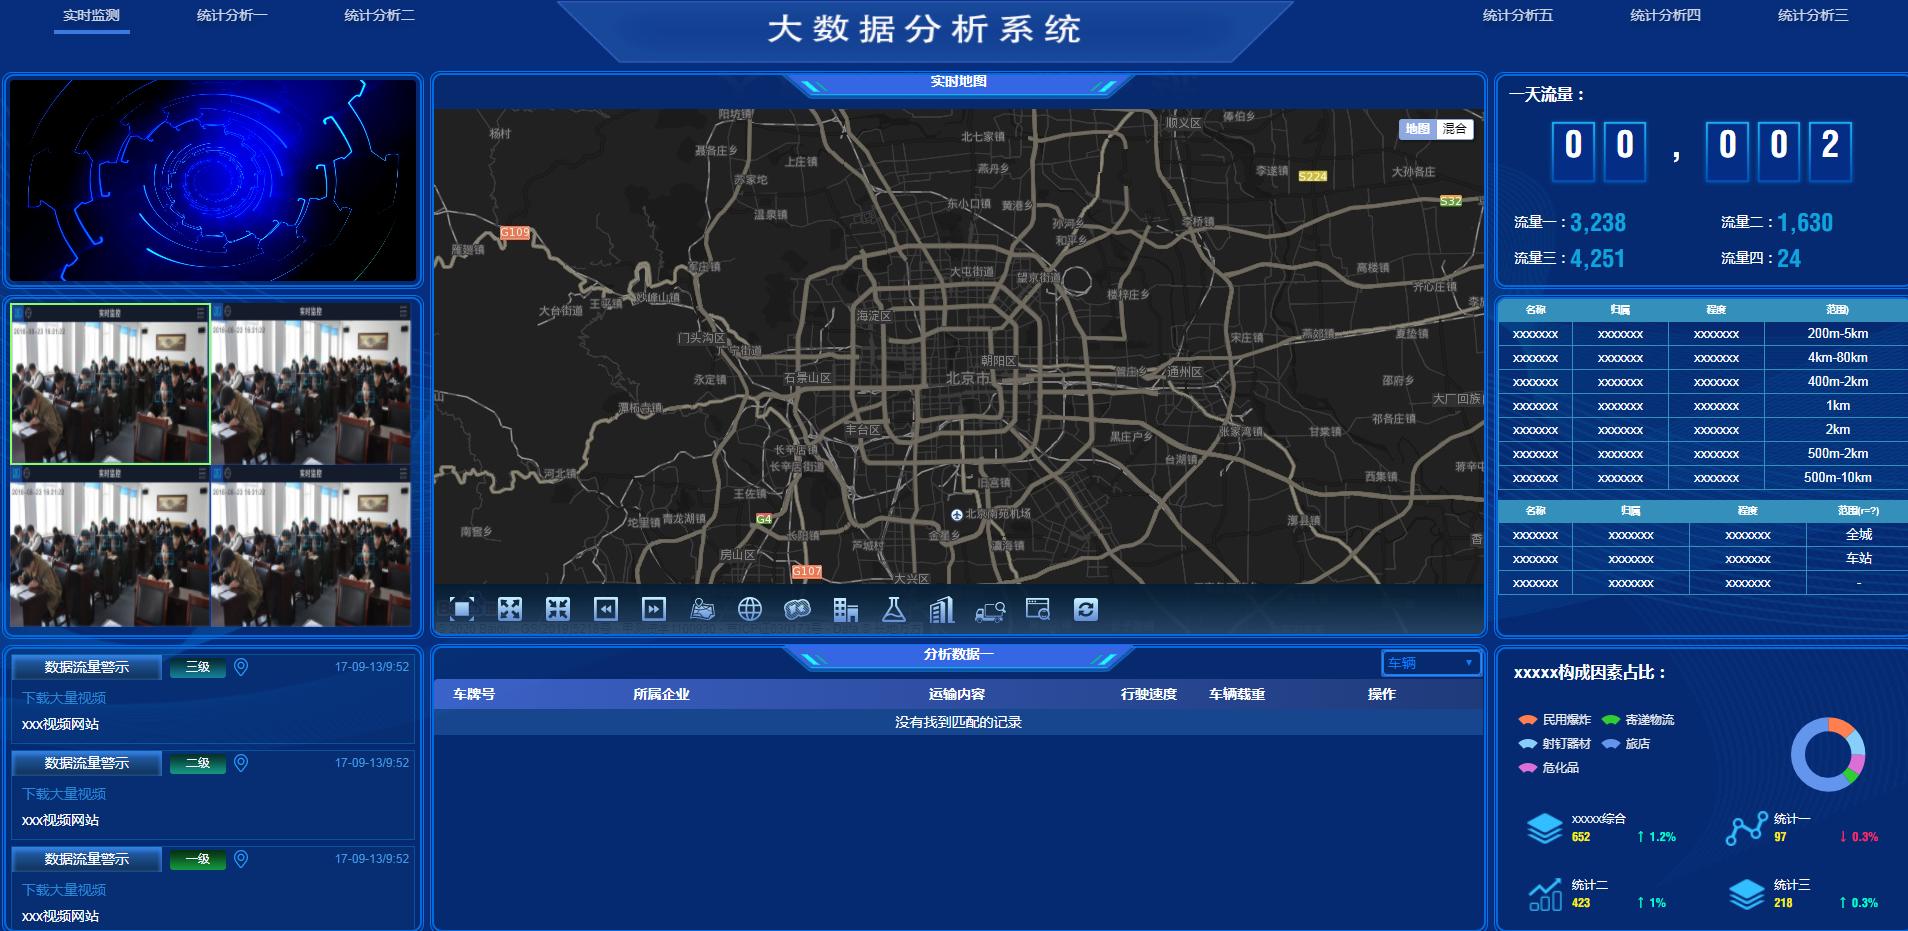 智慧交通 智慧金融 智慧气象H5大数据大屏幕展示html模板